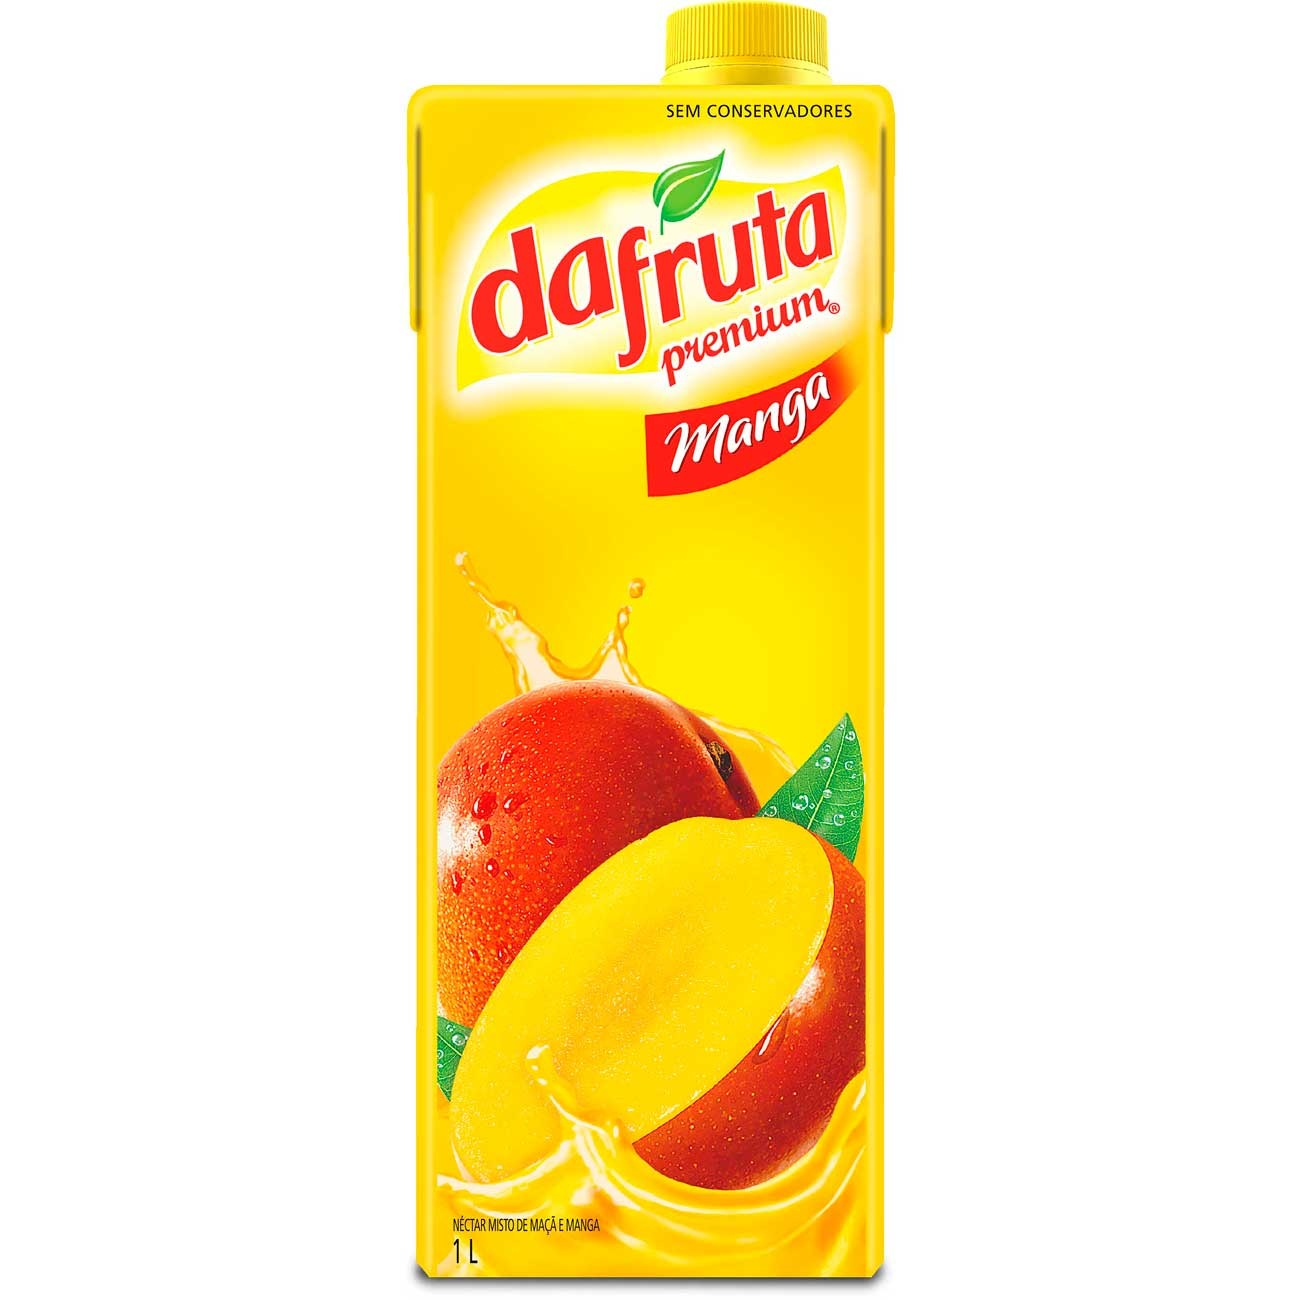 Suco Dafruta Manga Tp 1L   Caixa com 12 unidades